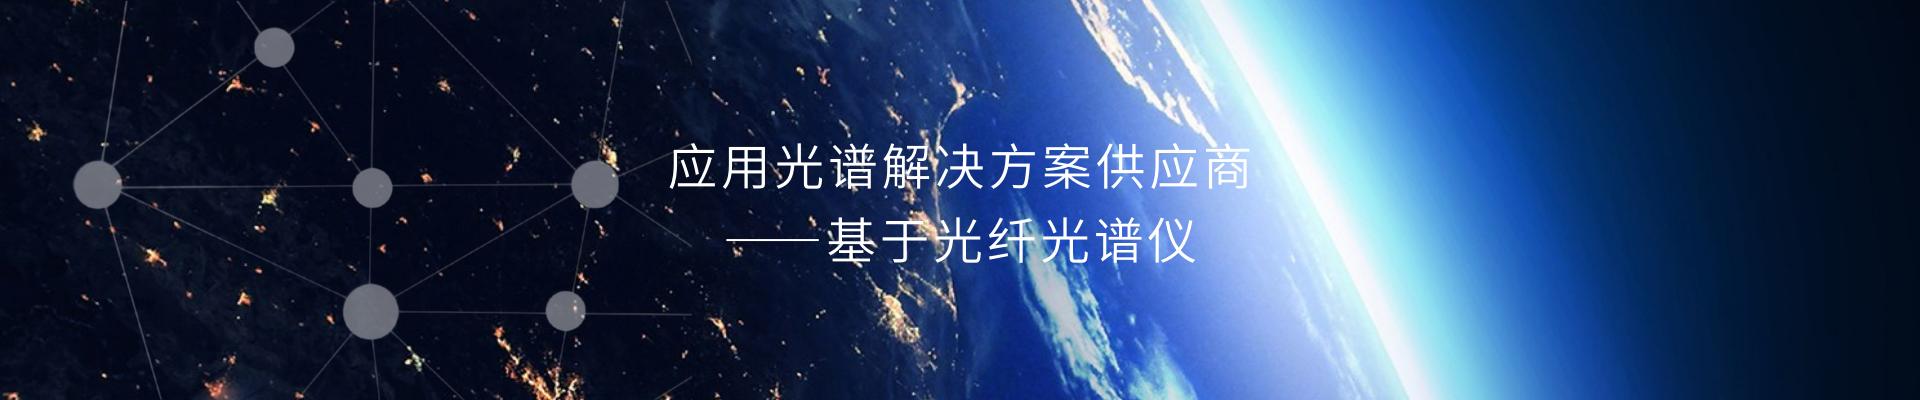 蔚海光学仪器(上海)有限公司公司介绍